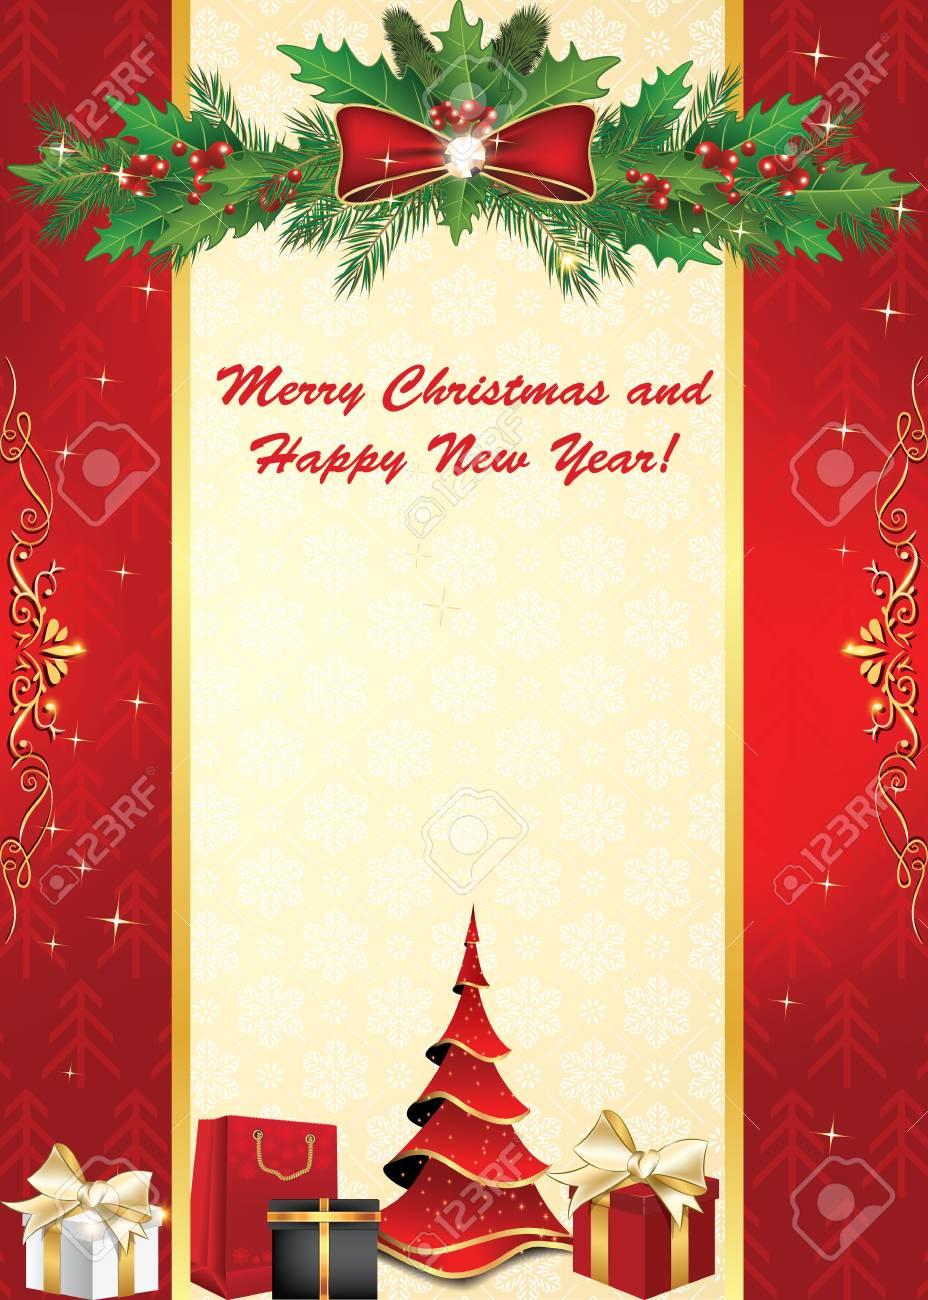 Felicitacion Navidad Personalizada Fotos.Tarjeta De Felicitacion De Feliz Navidad Y Feliz Ano Nuevo Con Adornos De Navidad Bayas De Acebo Patron De Los Copos De Nieve Colores De Impresion